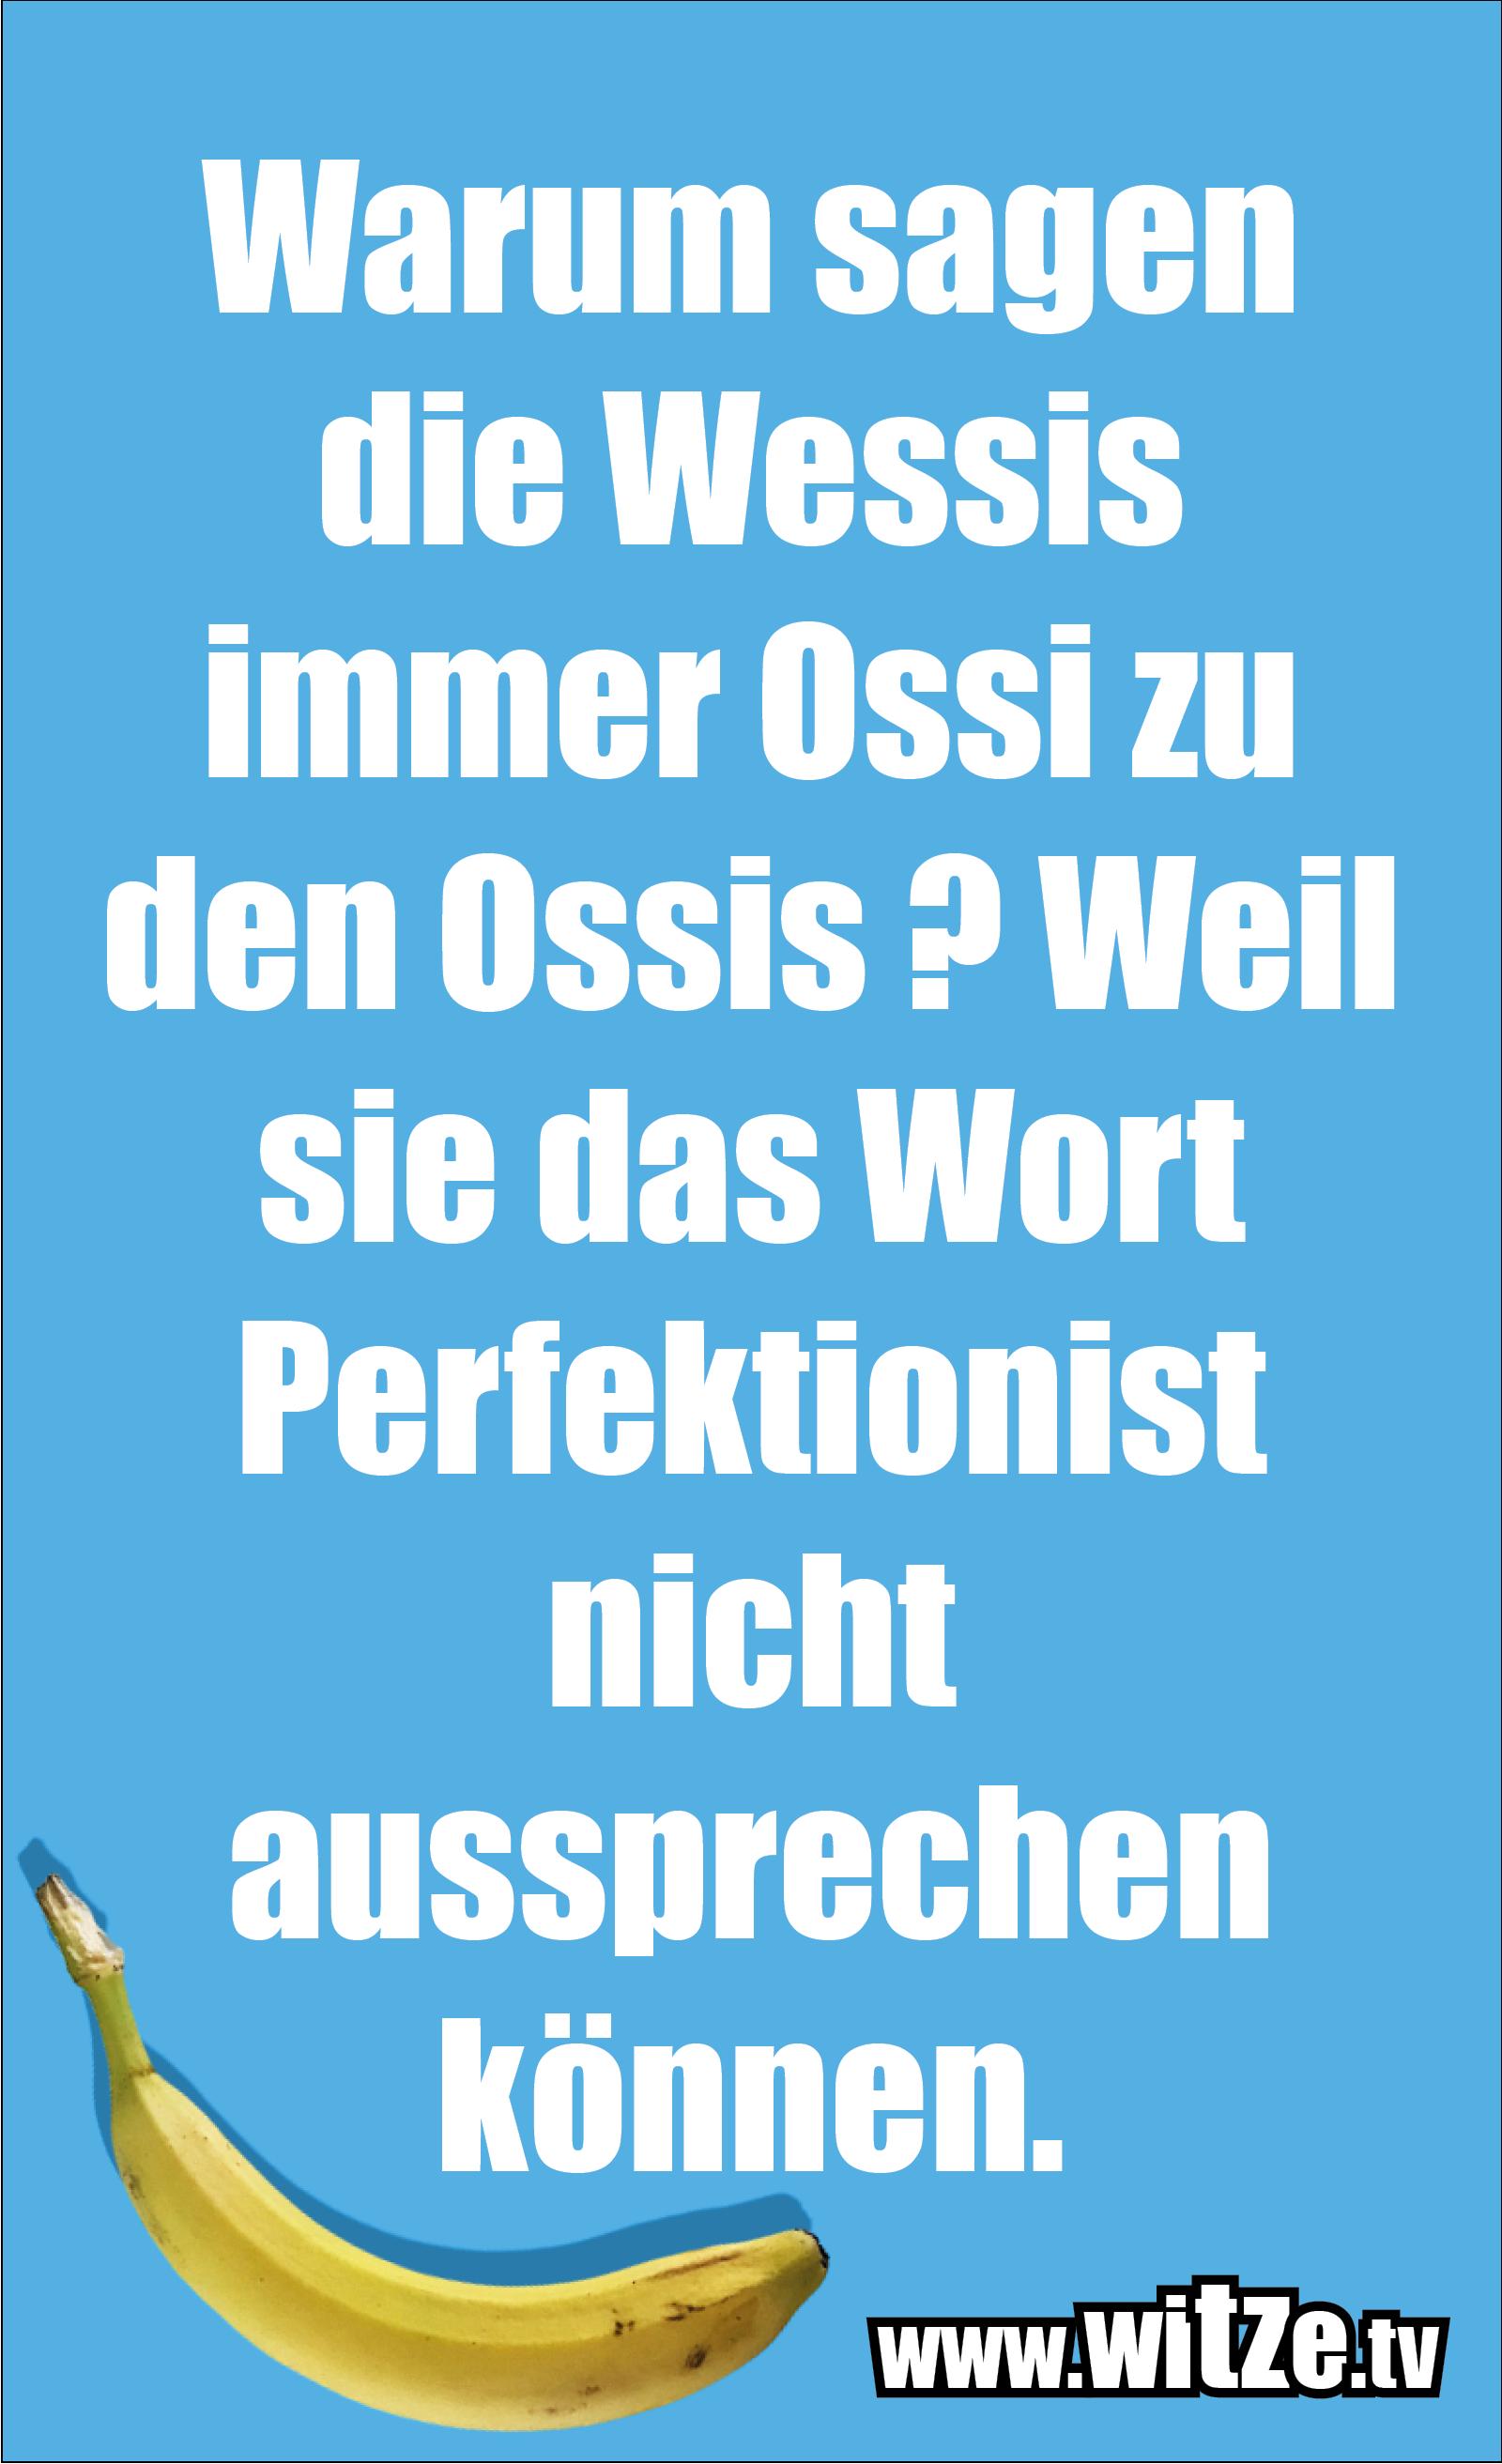 Warum sagen die Wessis immer Ossi...